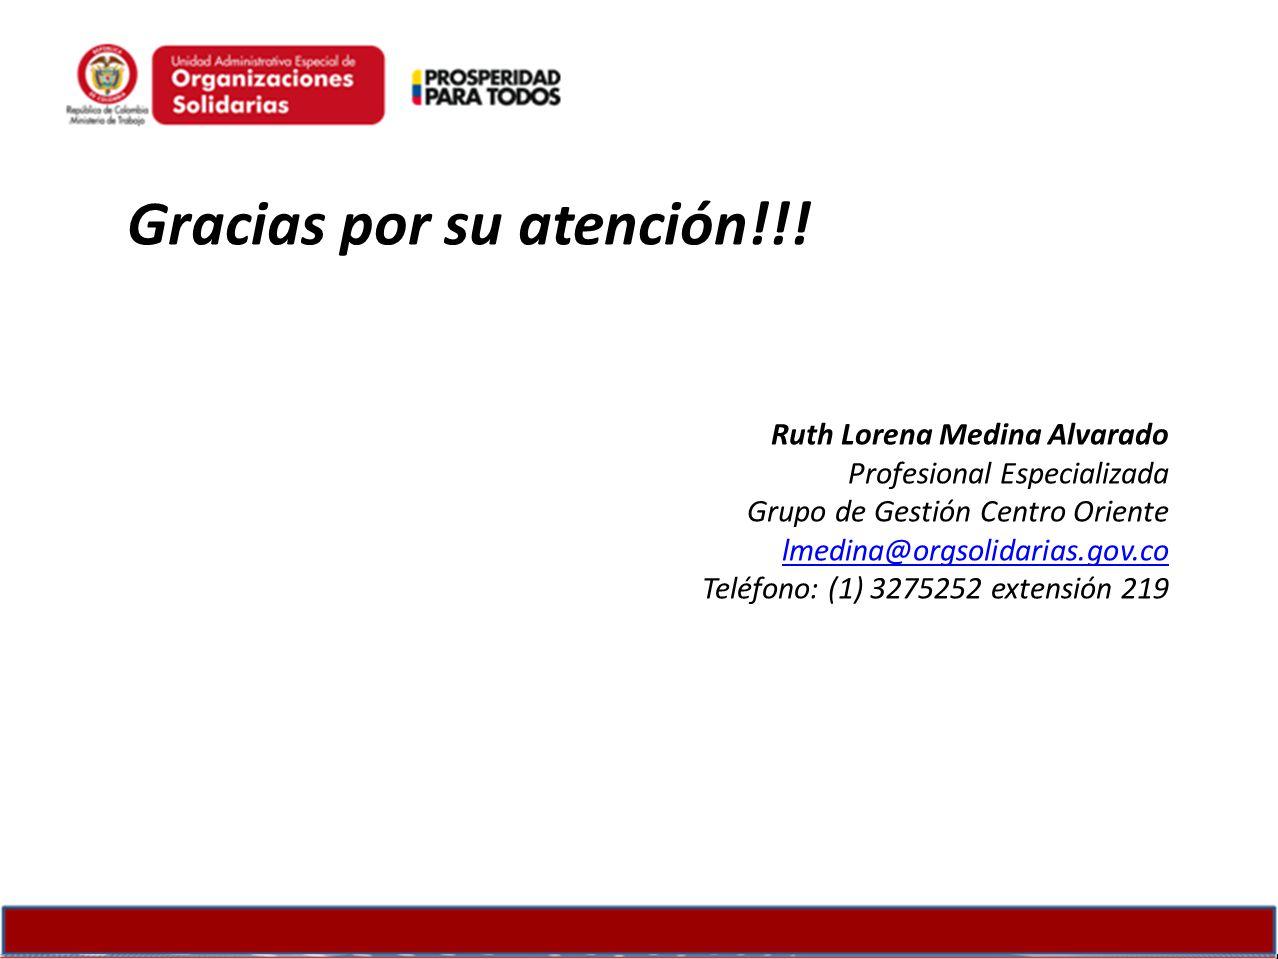 Gracias por su atención!!! Ruth Lorena Medina Alvarado Profesional Especializada Grupo de Gestión Centro Oriente lmedina@orgsolidarias.gov.co Teléfono